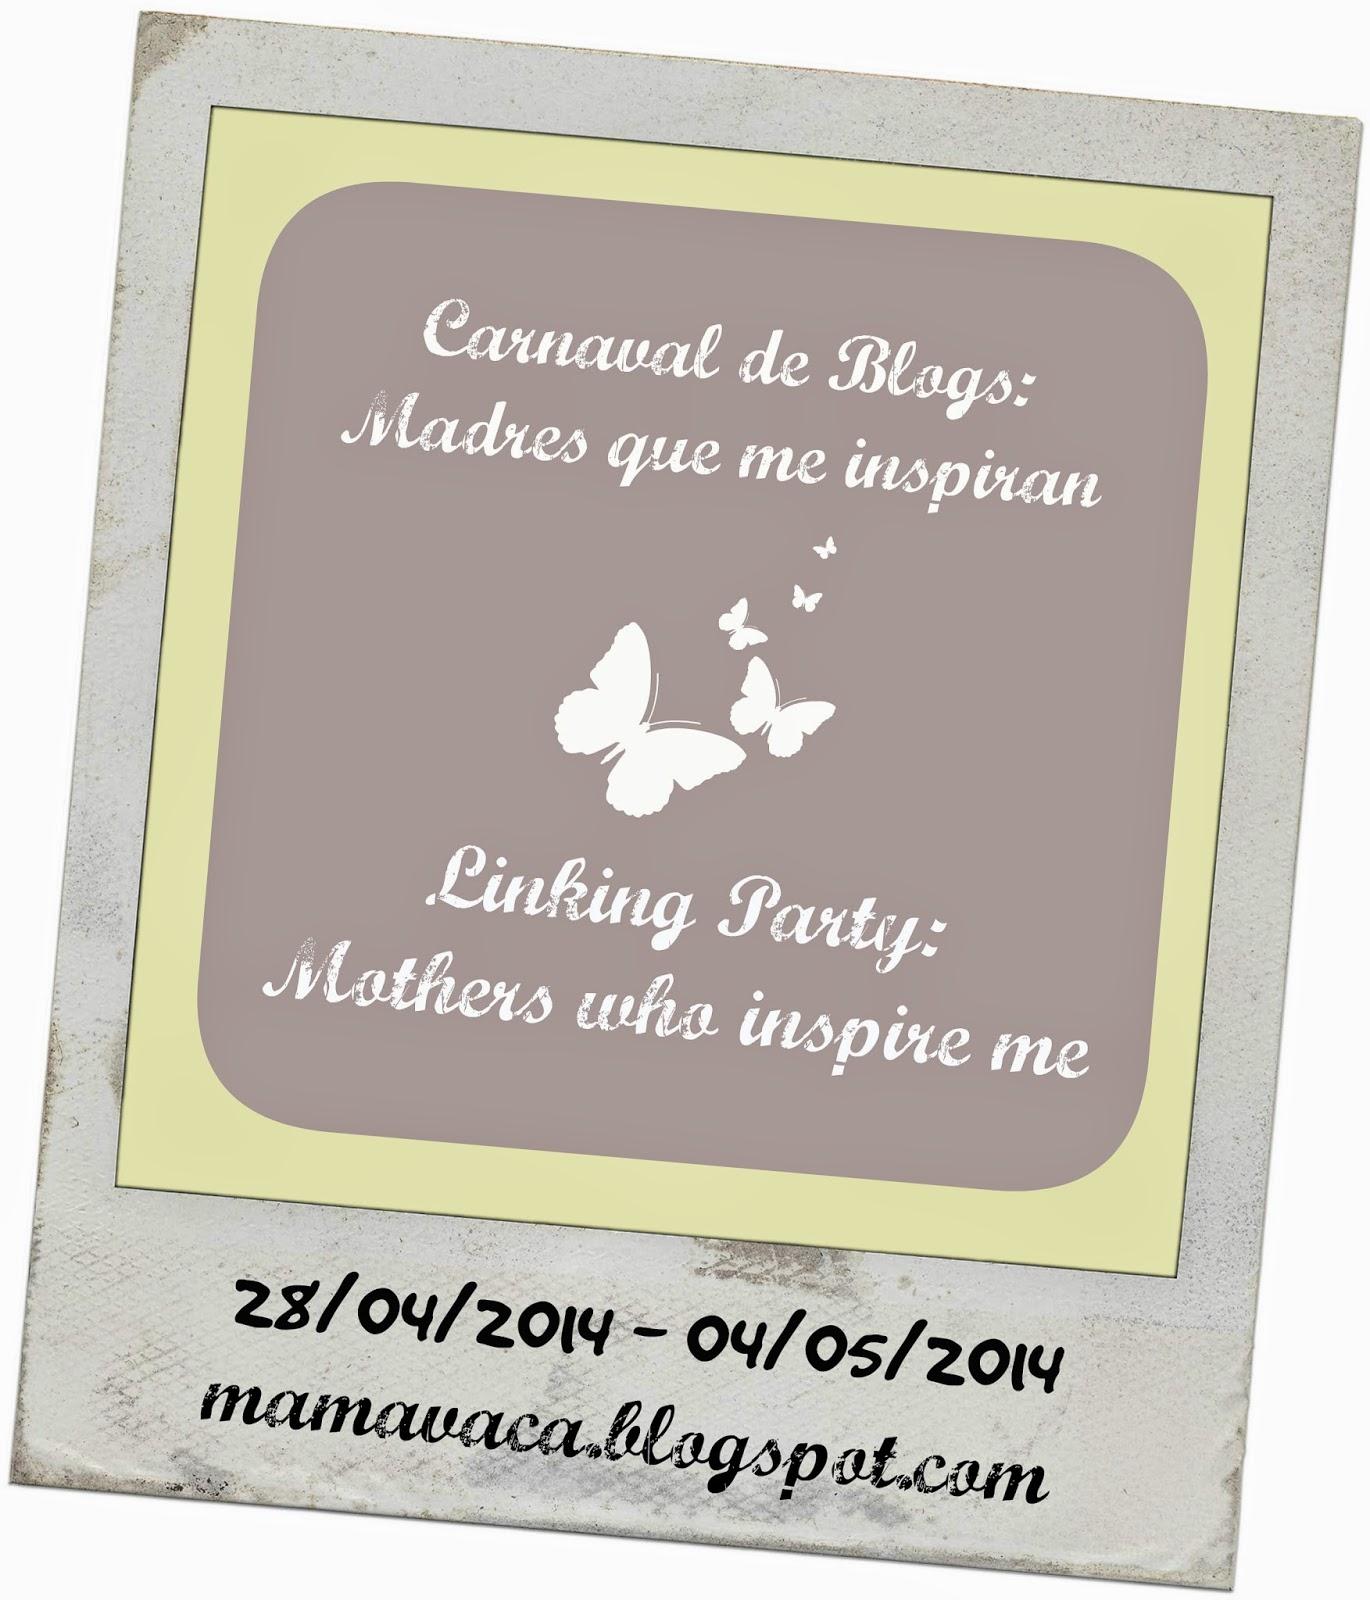 http://mamavaca.blogspot.com.es/2014/04/carnaval-de-blogs-madres-que-me.html